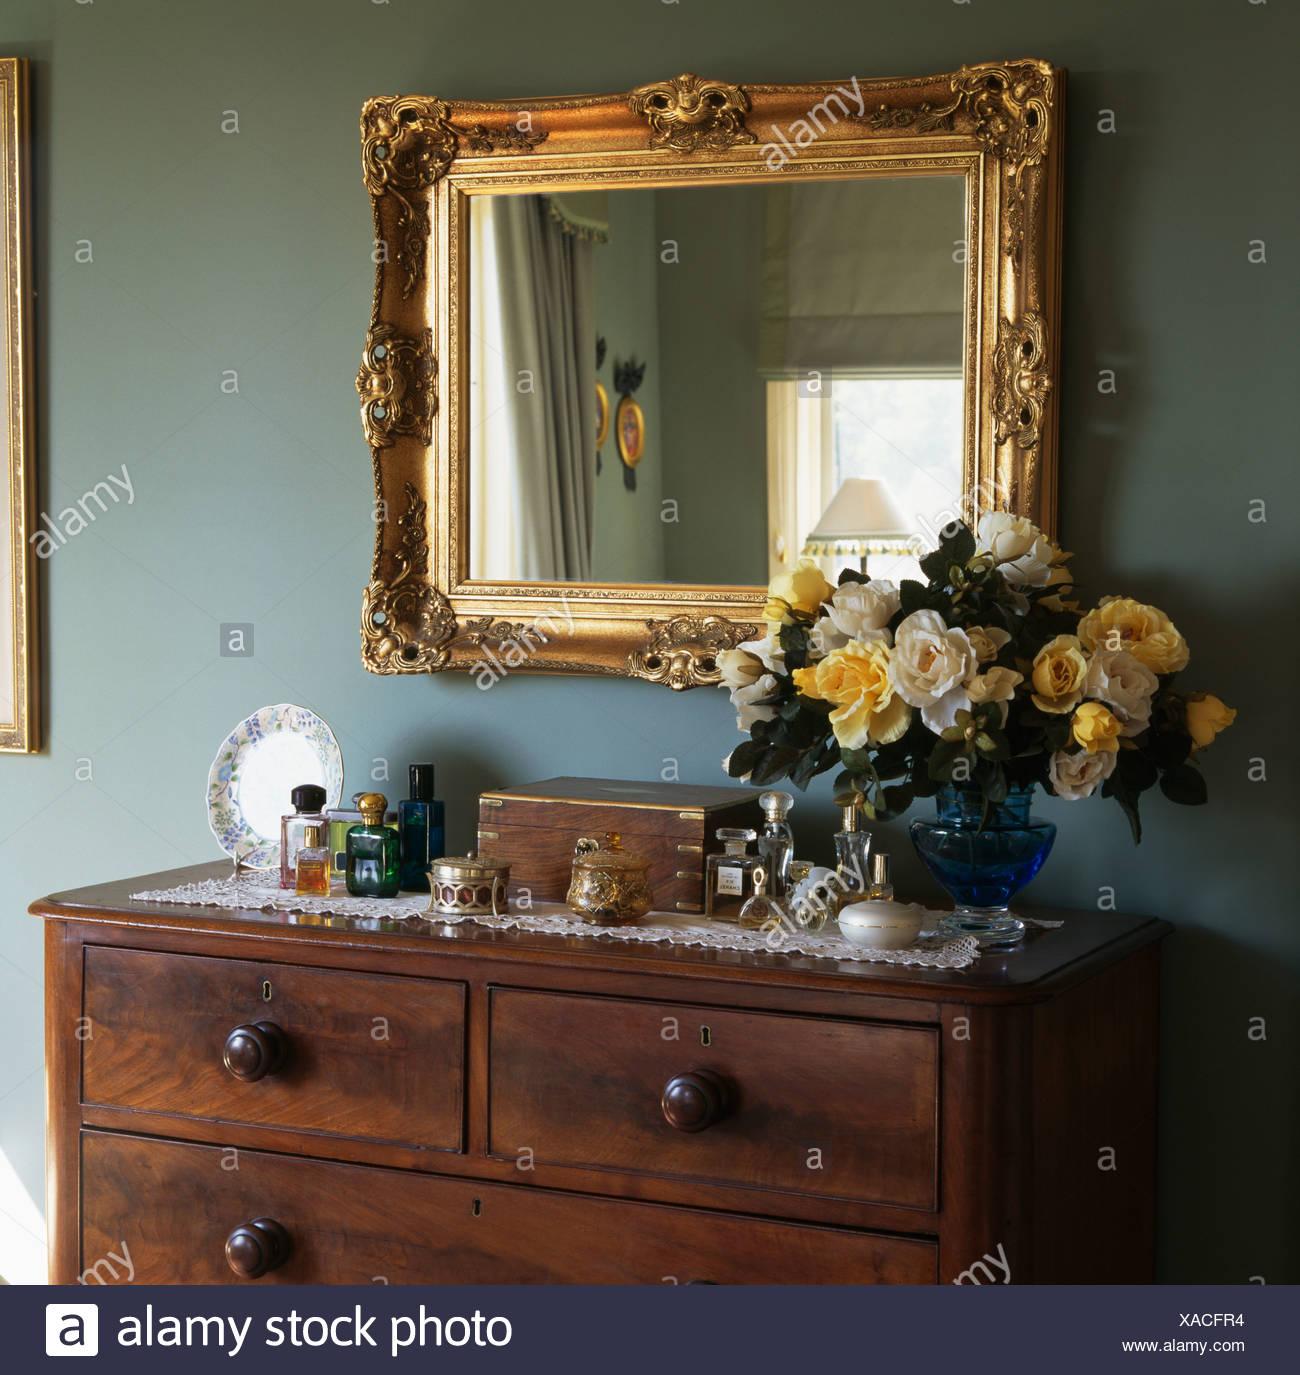 Nahaufnahme Der Grosse Vergoldete Spiegel Uber Vase Mit Gelben Rosen